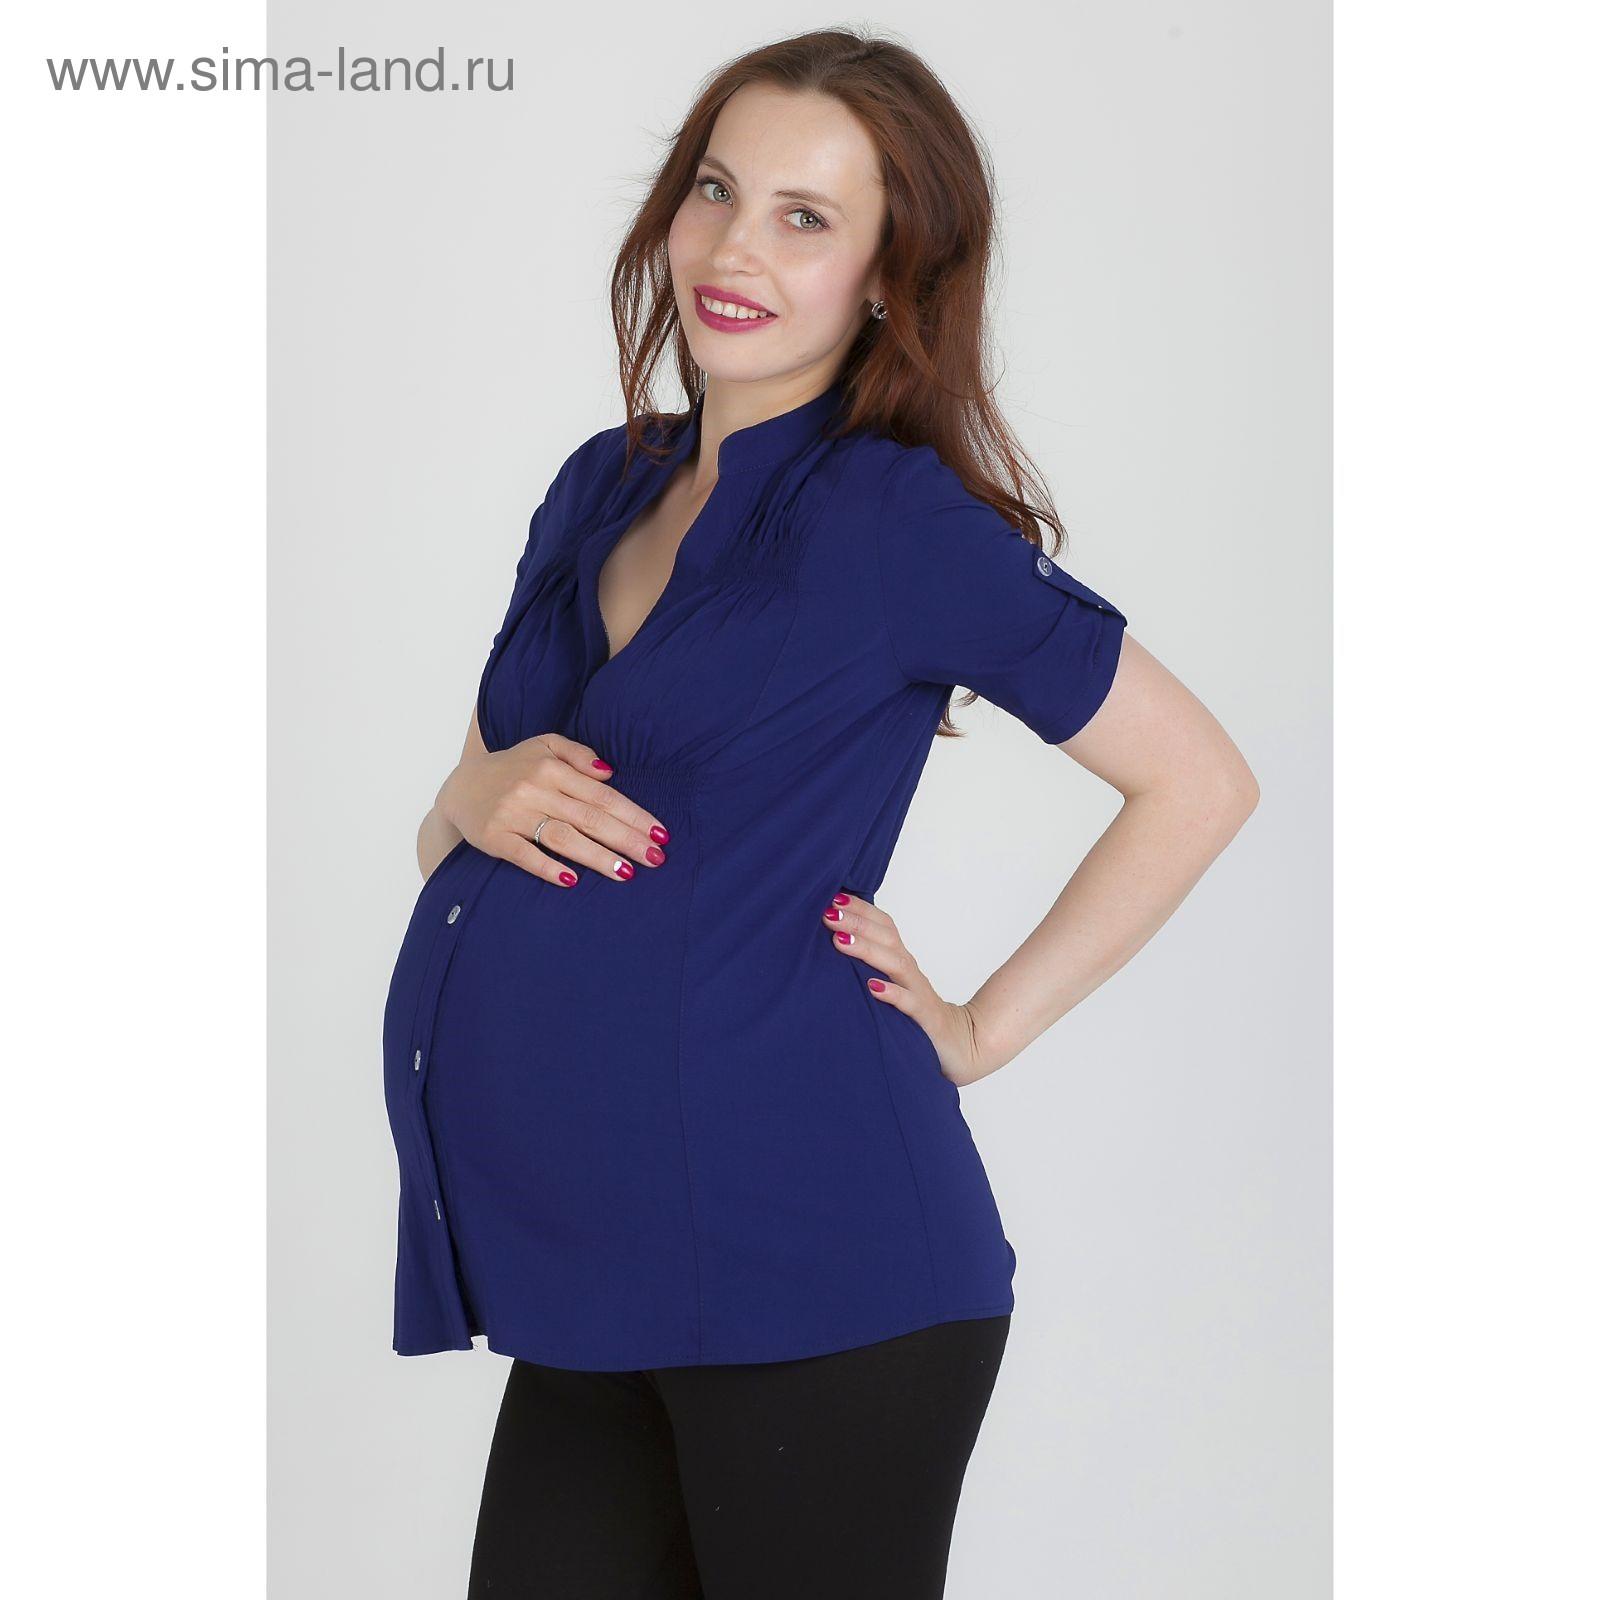 c3ceab0a3188 Блузка для беременных 2242, цвет тёмно-синий, размер 42, рост 170 ...